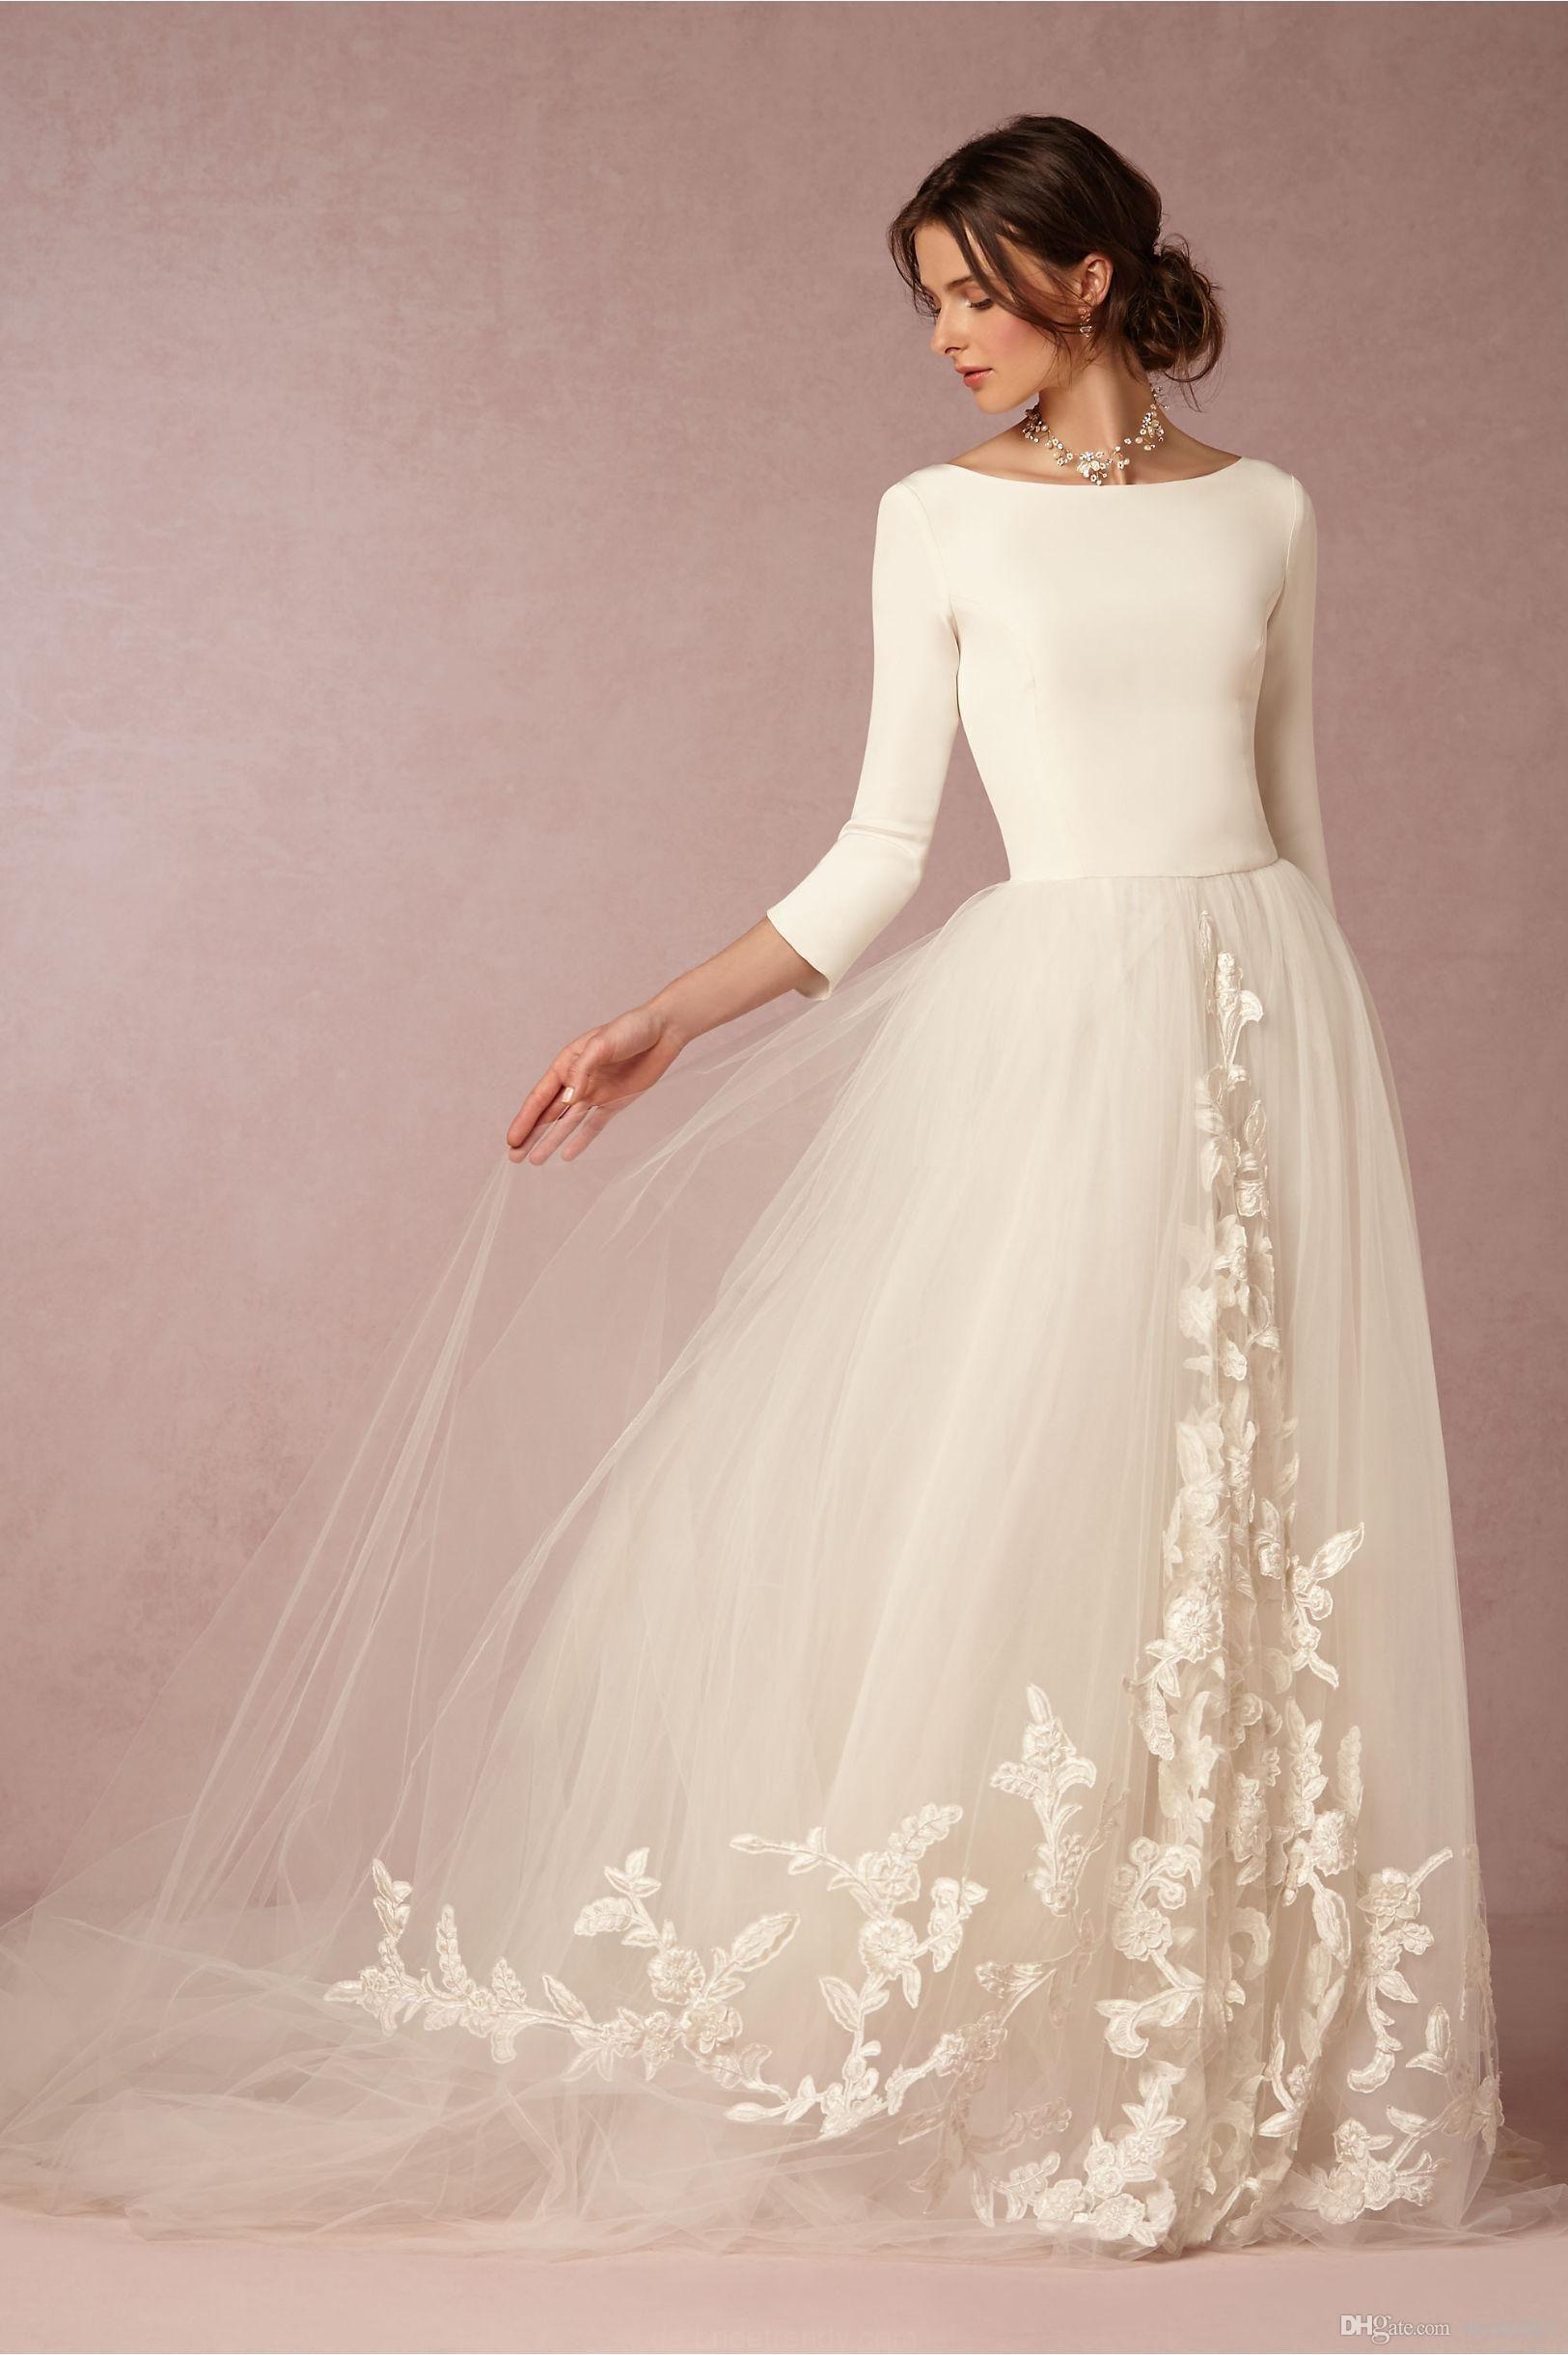 Rabatt 20 Elegantes Tüll brautkleid Olivia Palermos A-Linie